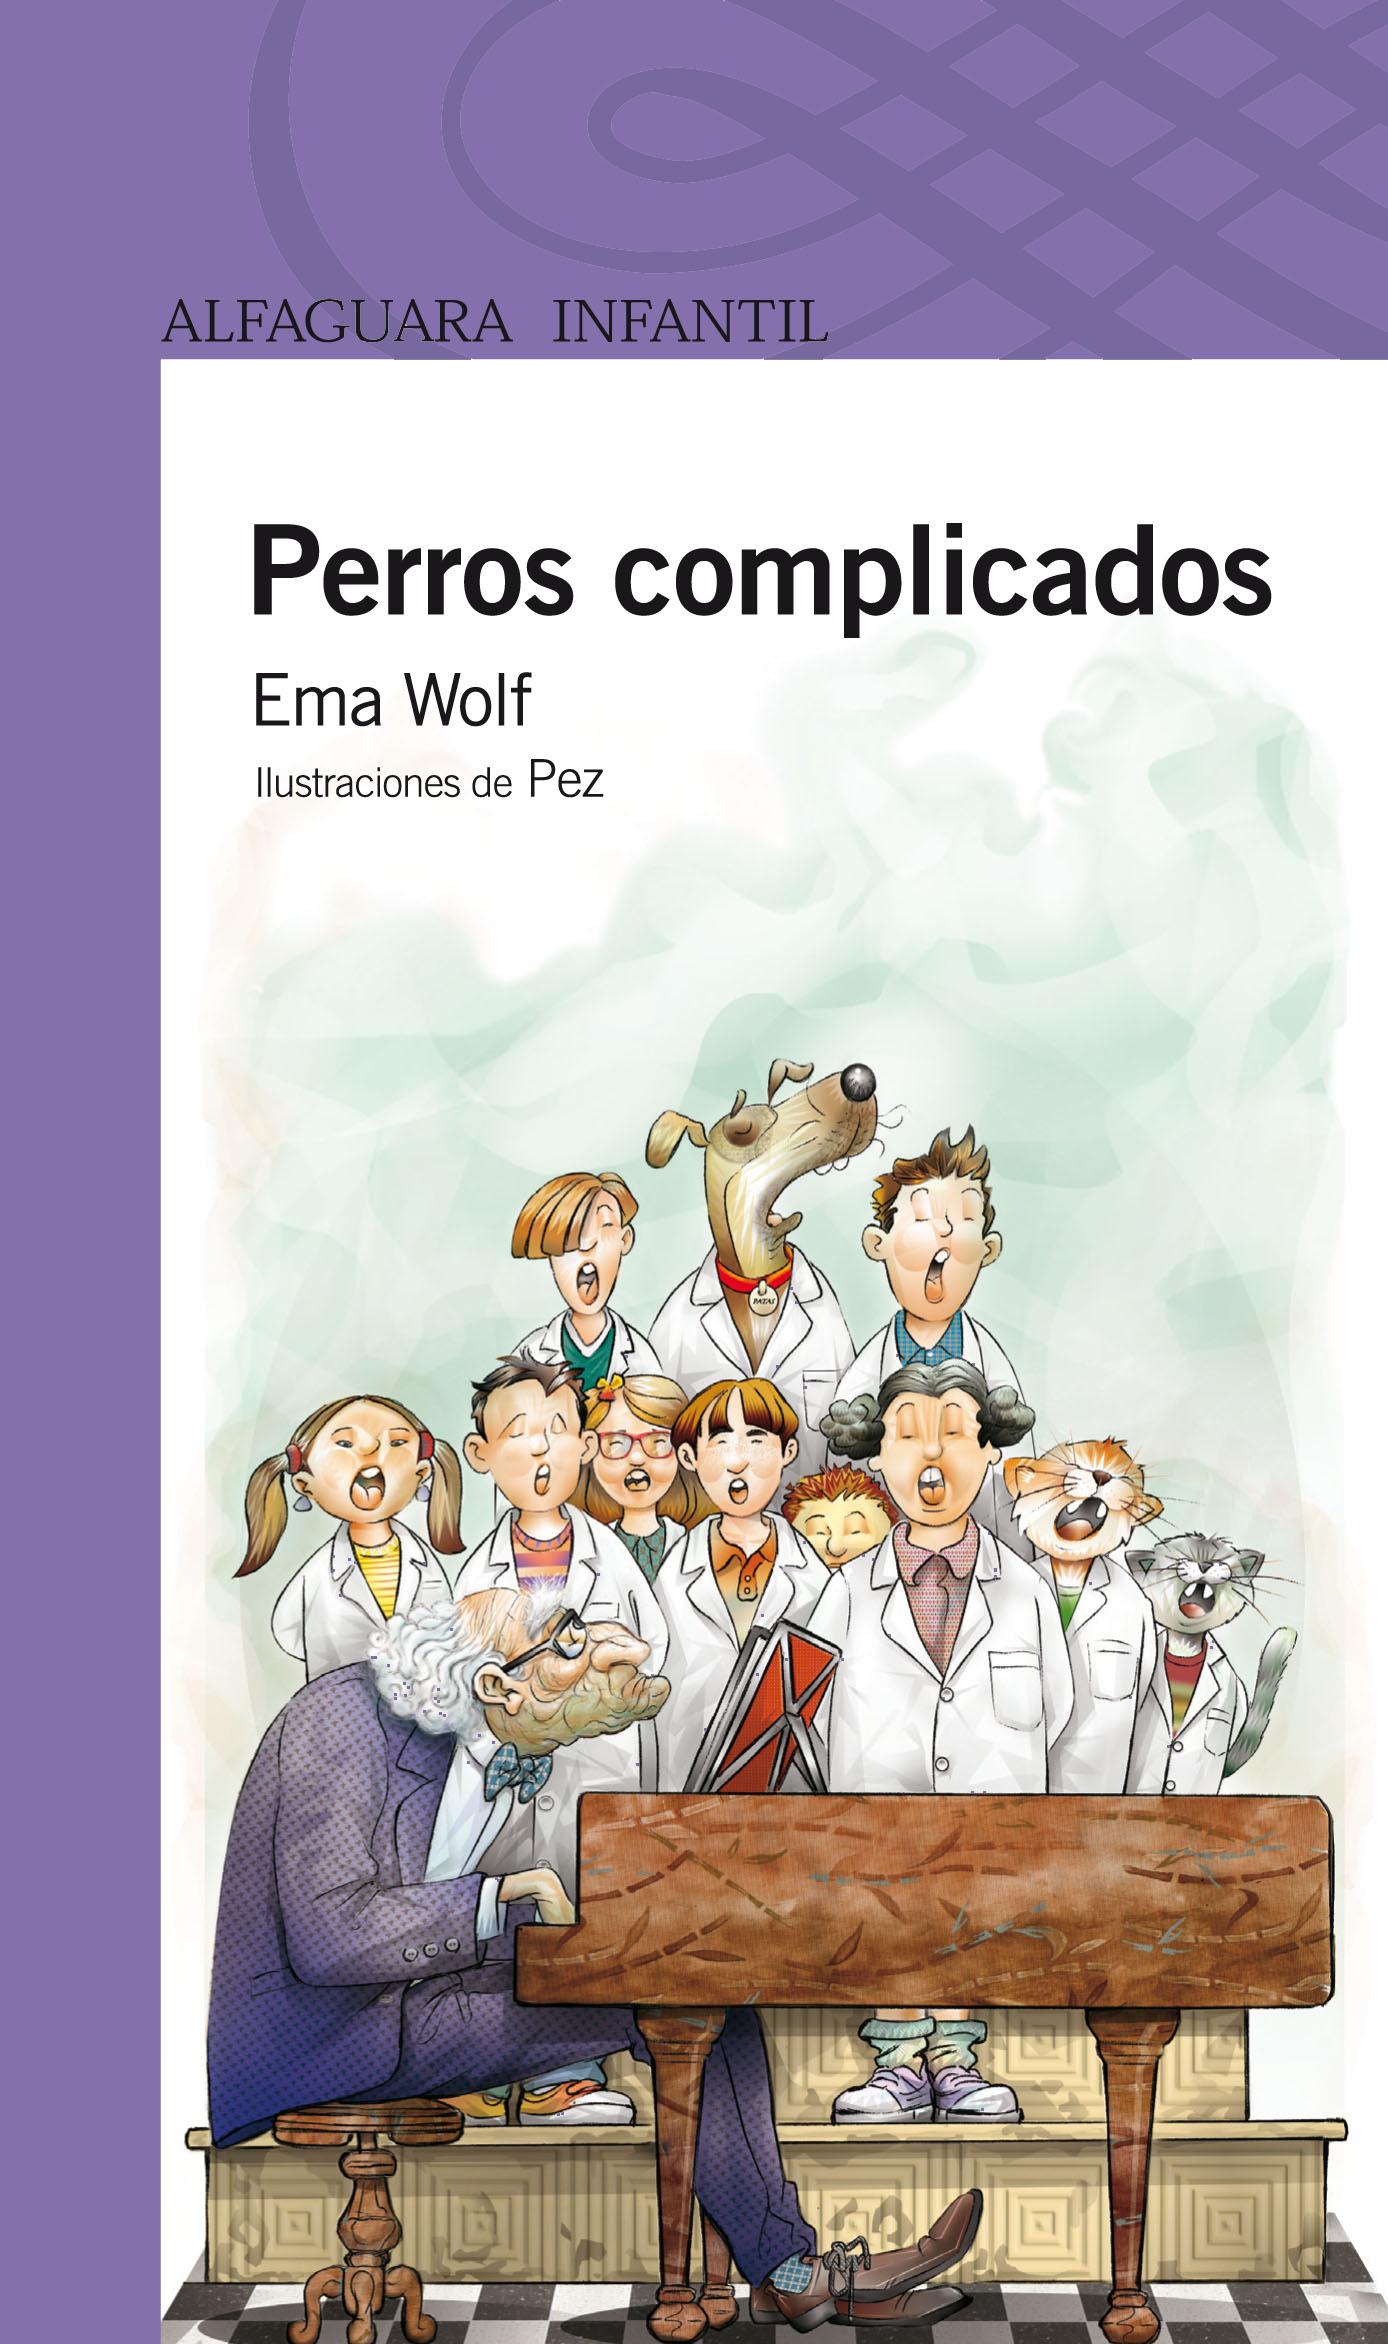 PERROS COMPLICADOS.indd